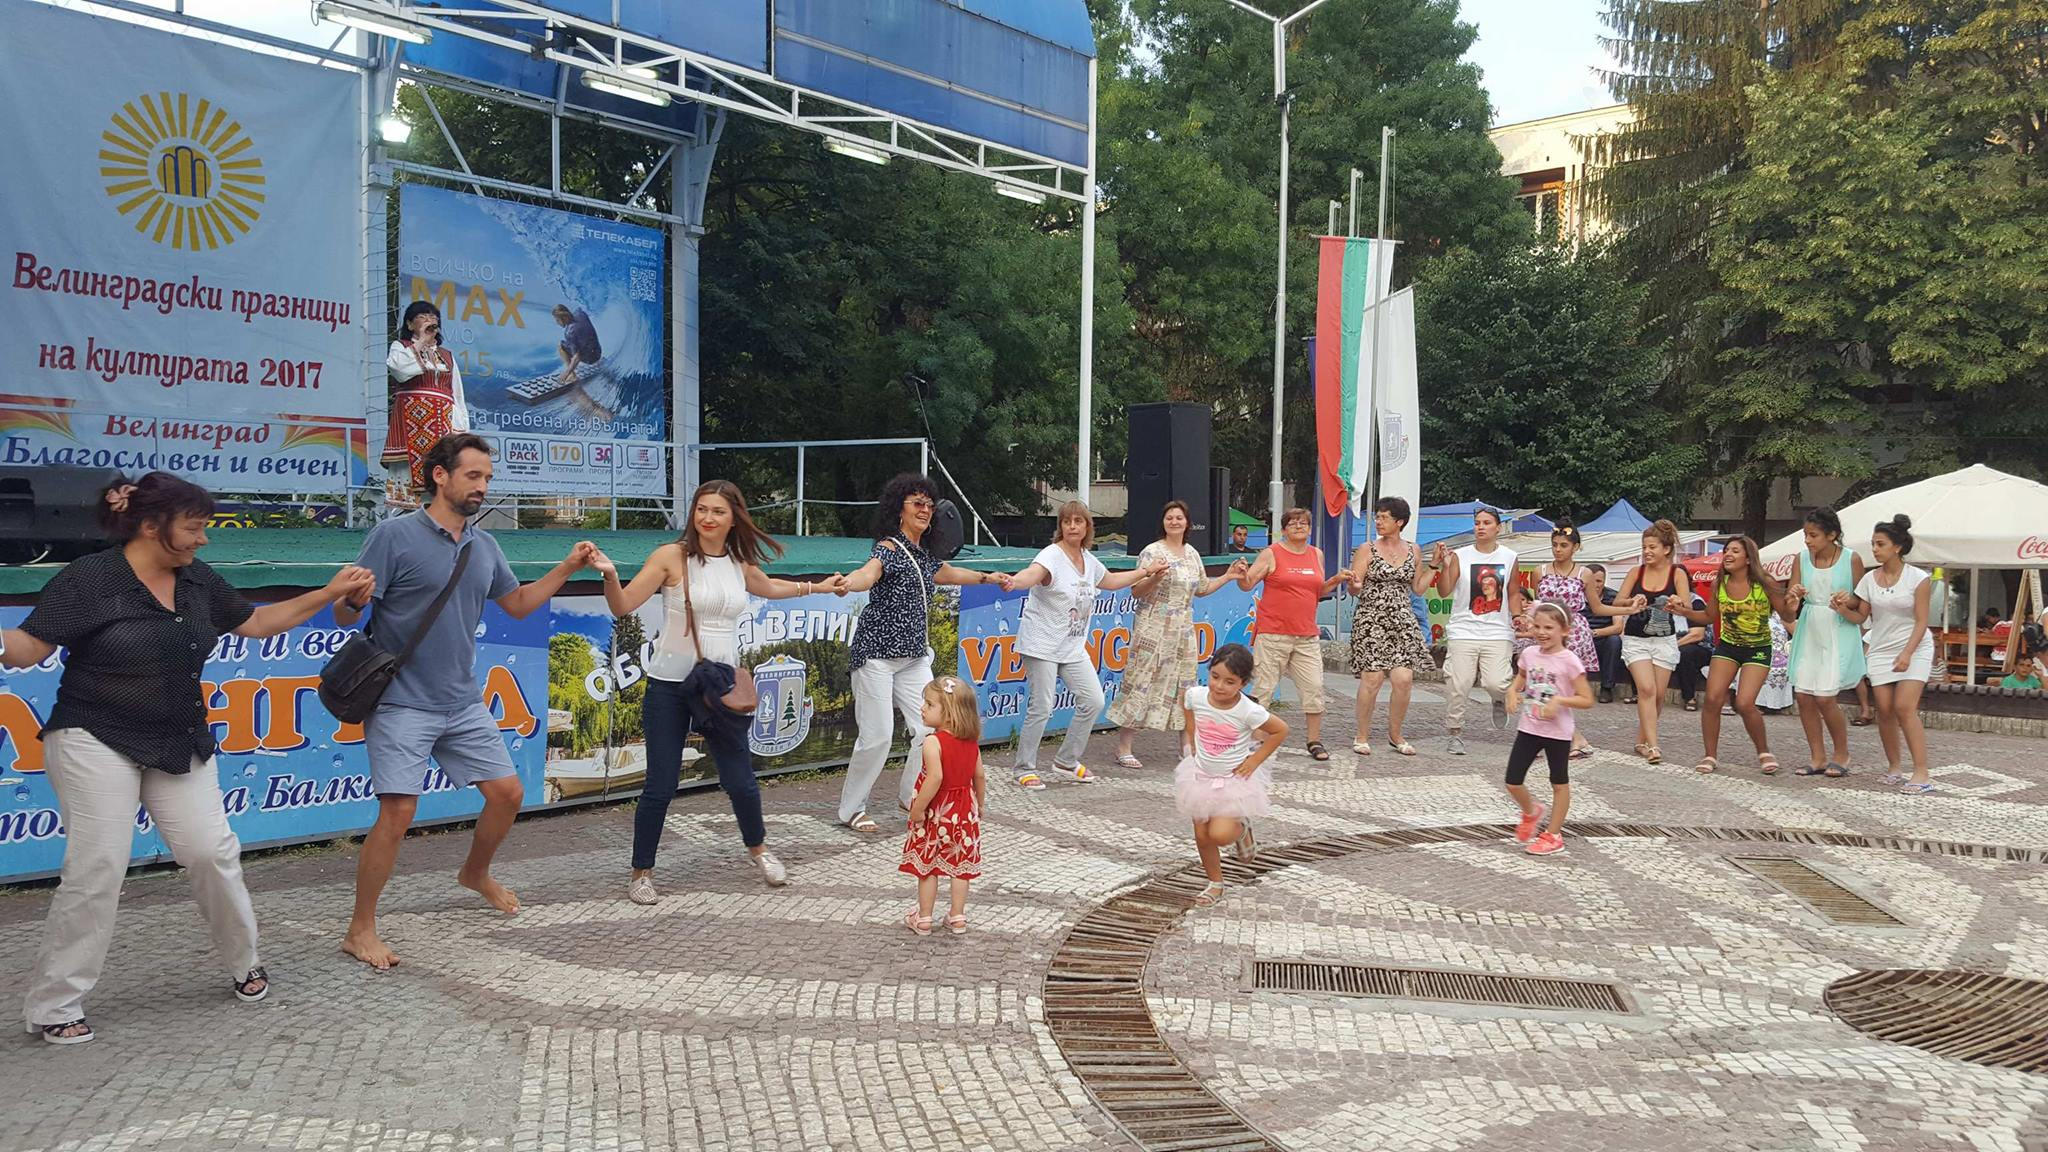 Празничните концертите във Велинград продължават